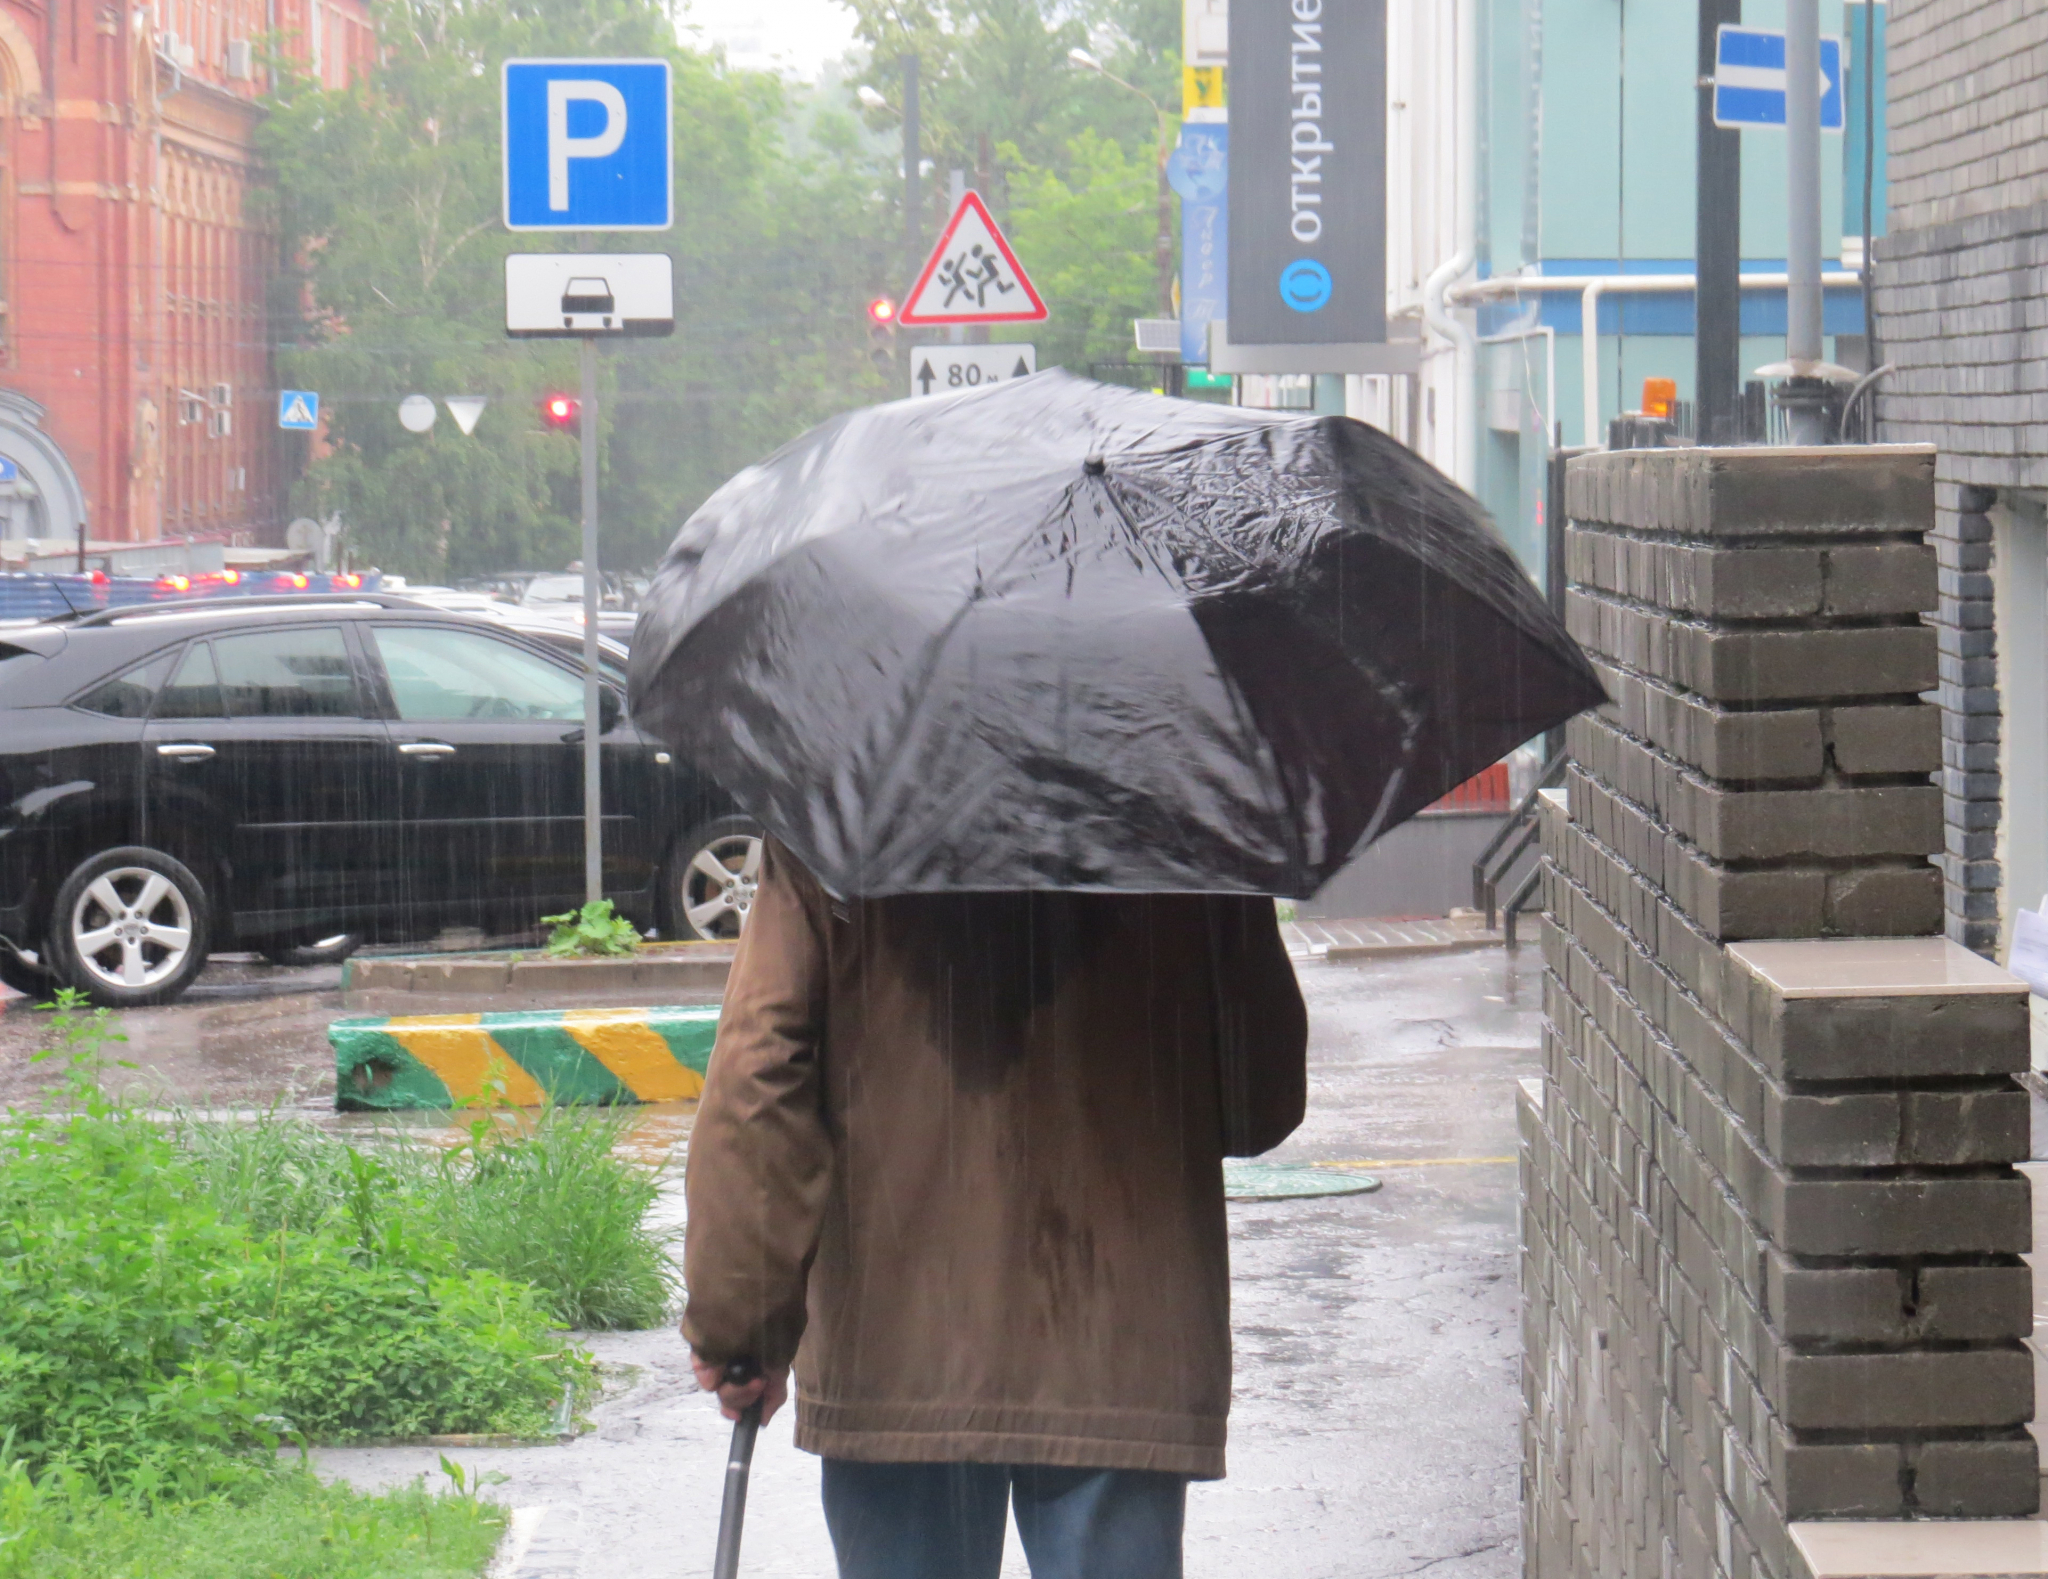 МЧС объявило в Чепецке и Кировской области метеопредупреждение